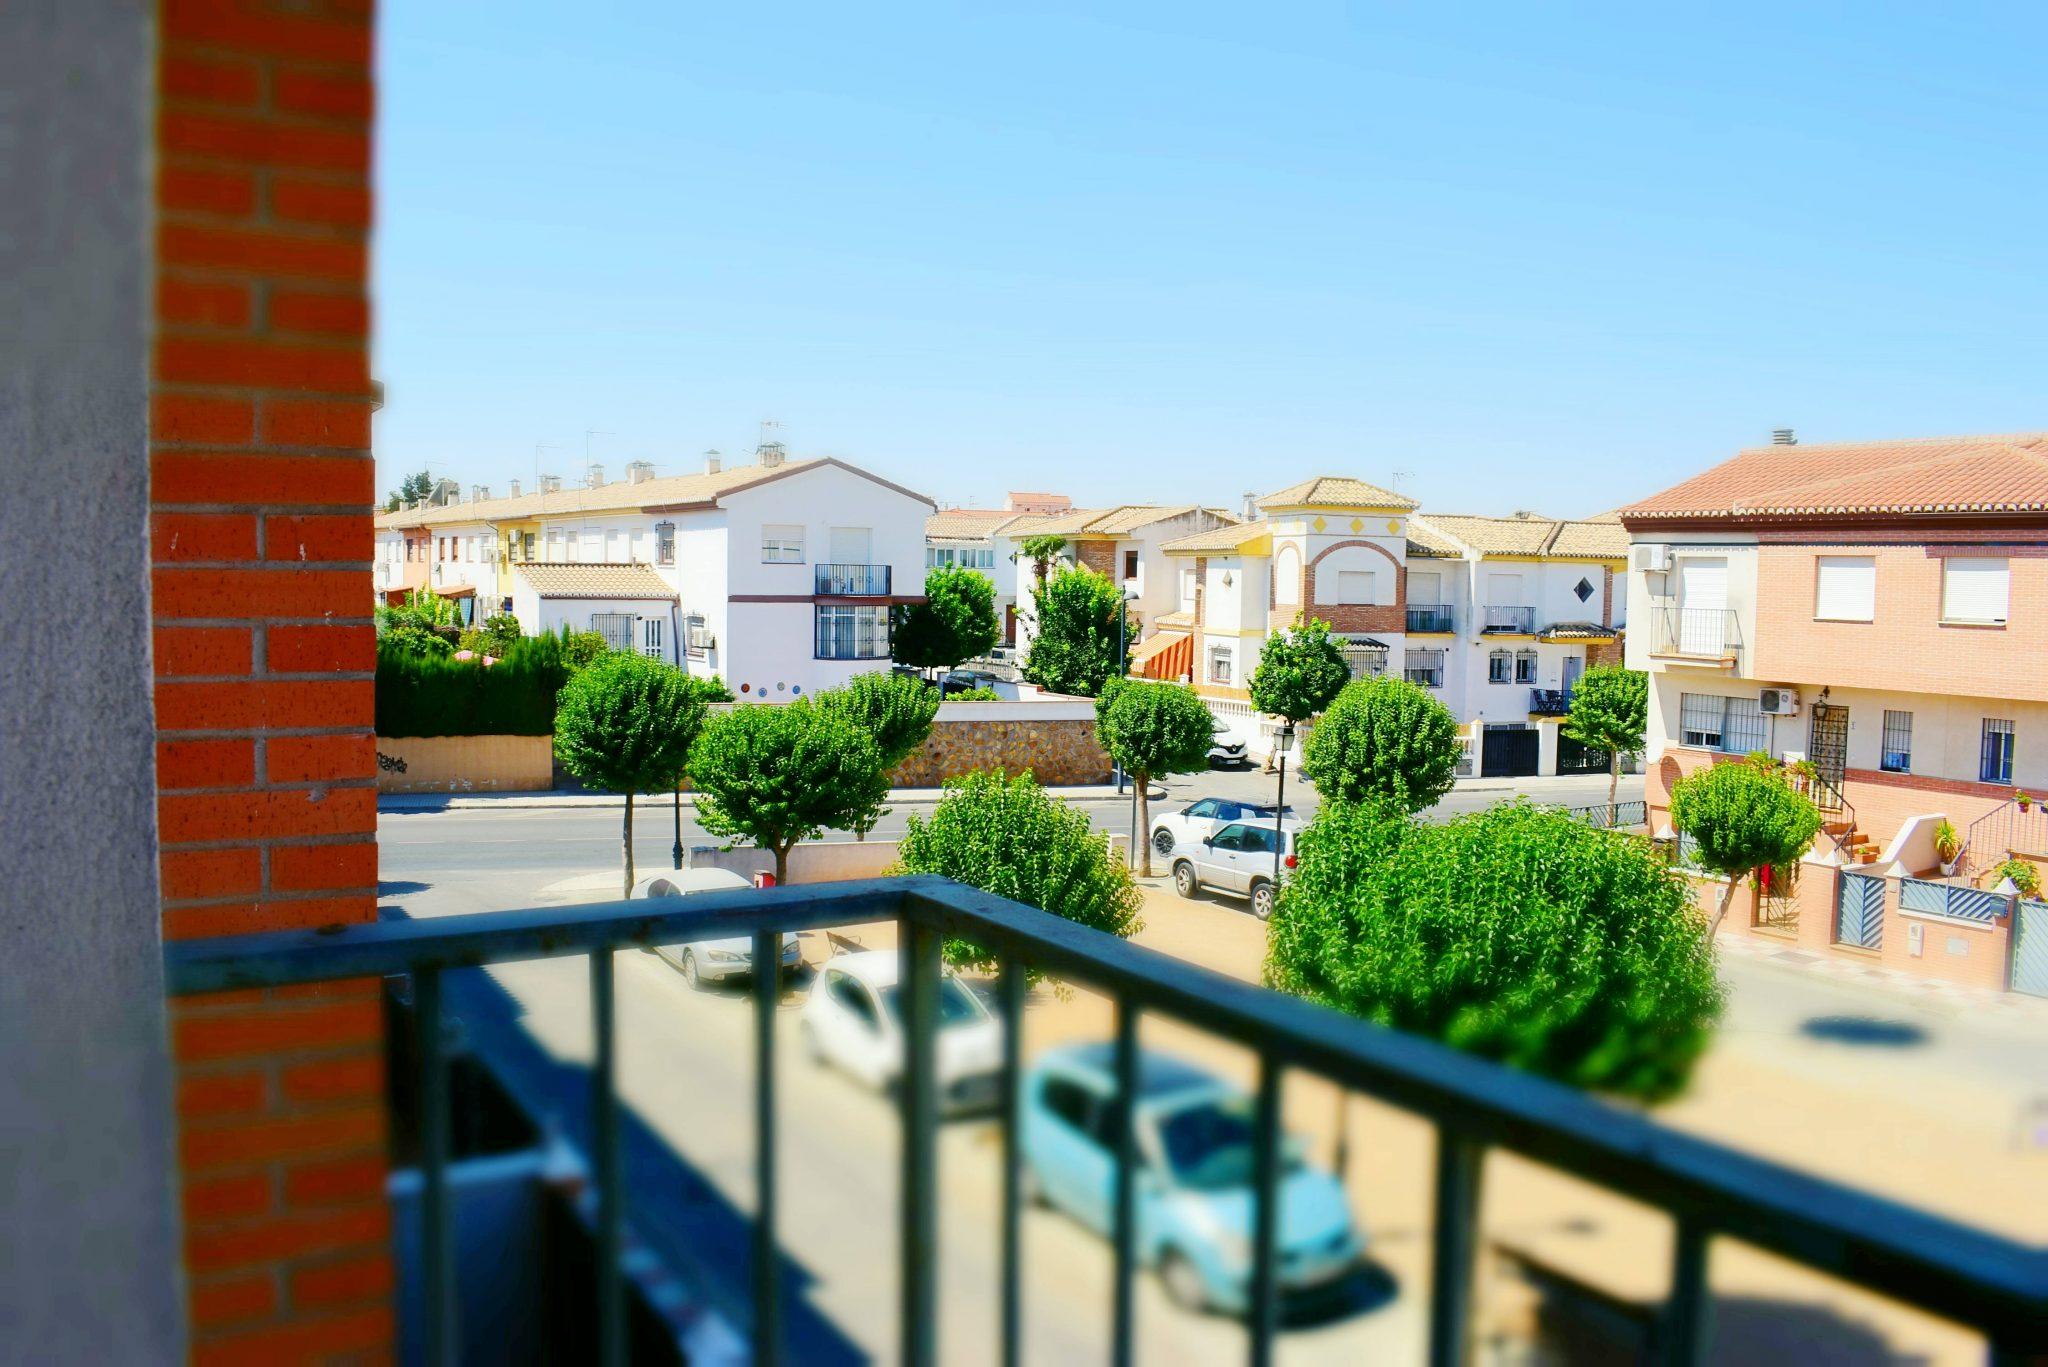 Casa adosada en Cullar Vega, Granada – 3 dormitorios